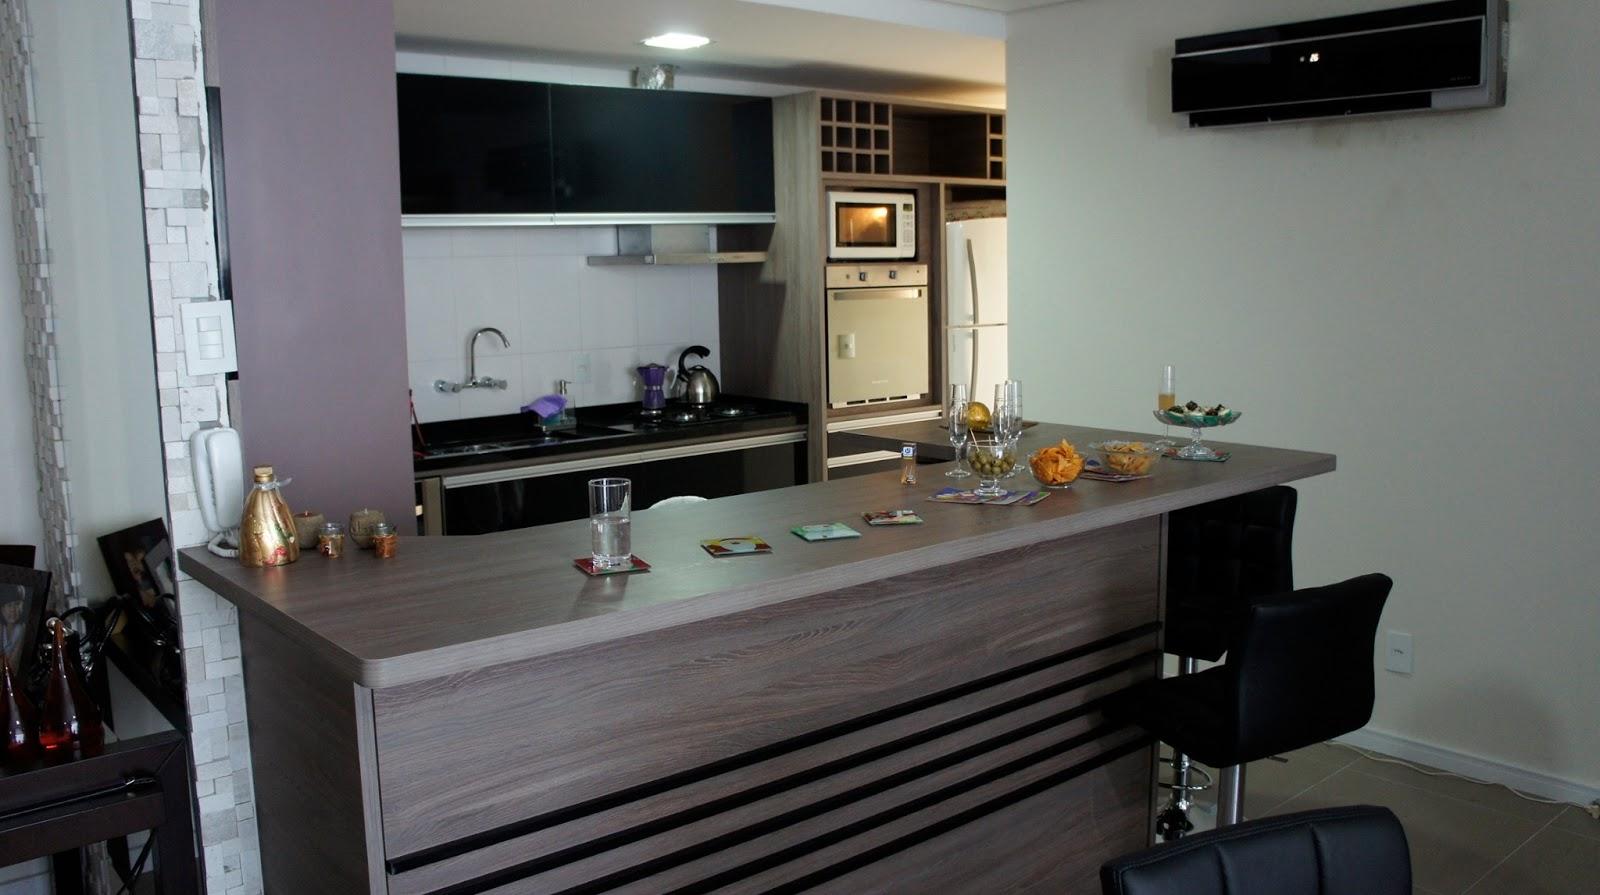 #837248 COZINHA AMERICANA 1600x895 px Cozinha Americana Com Bancada E Bar_3231 Imagens